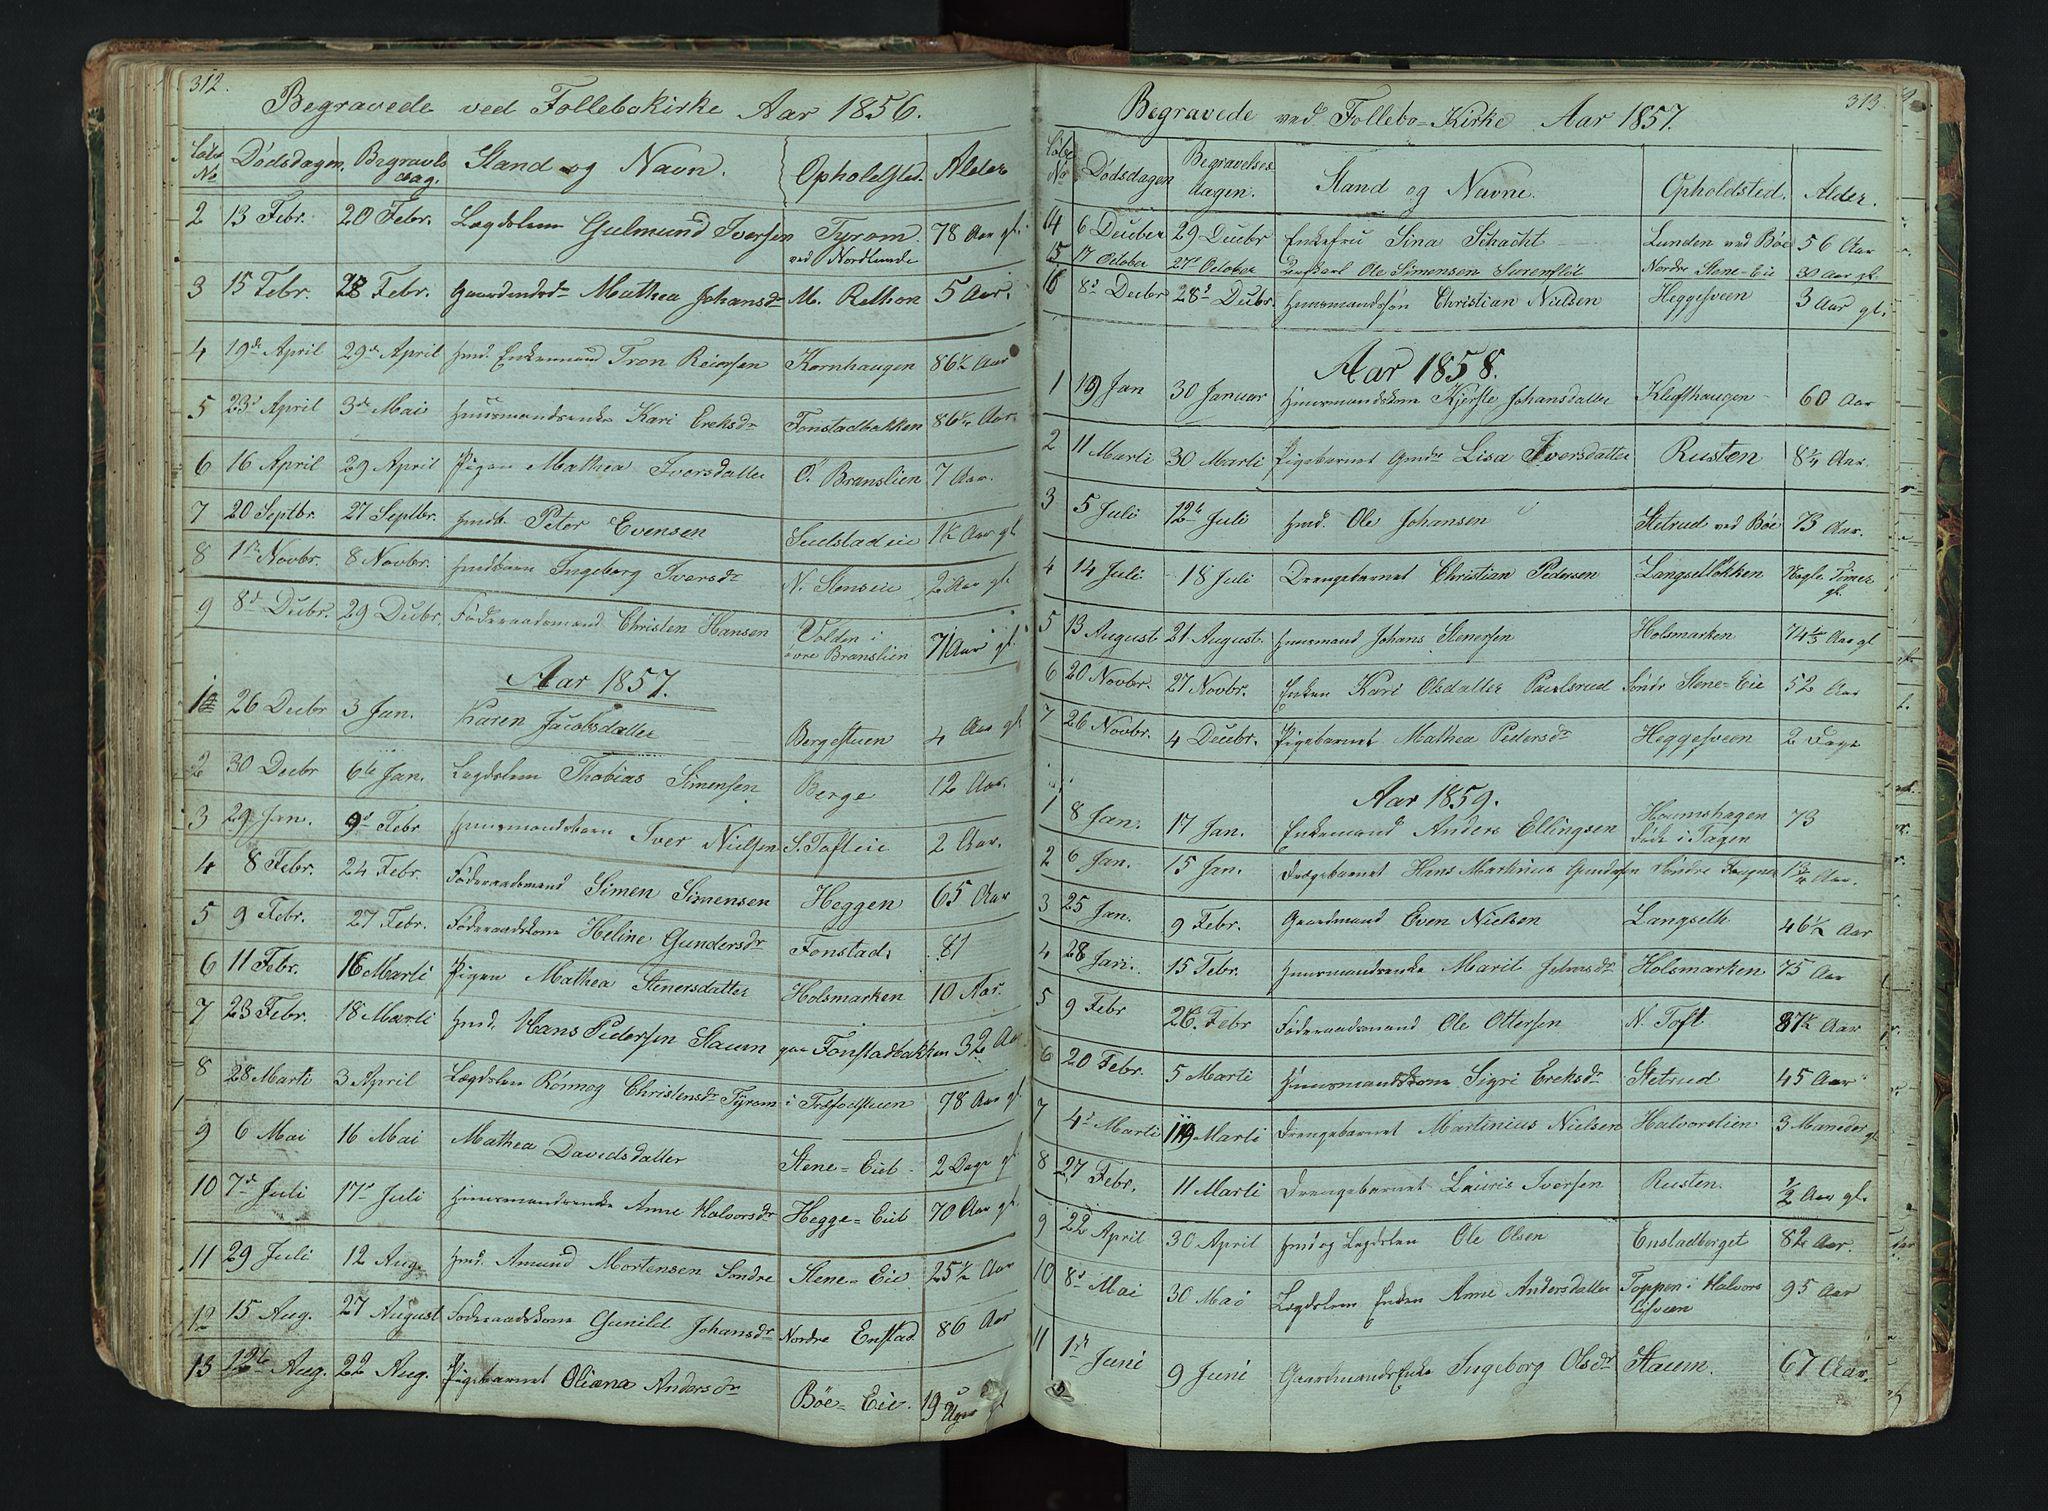 SAH, Gausdal prestekontor, Klokkerbok nr. 6, 1846-1893, s. 312-313